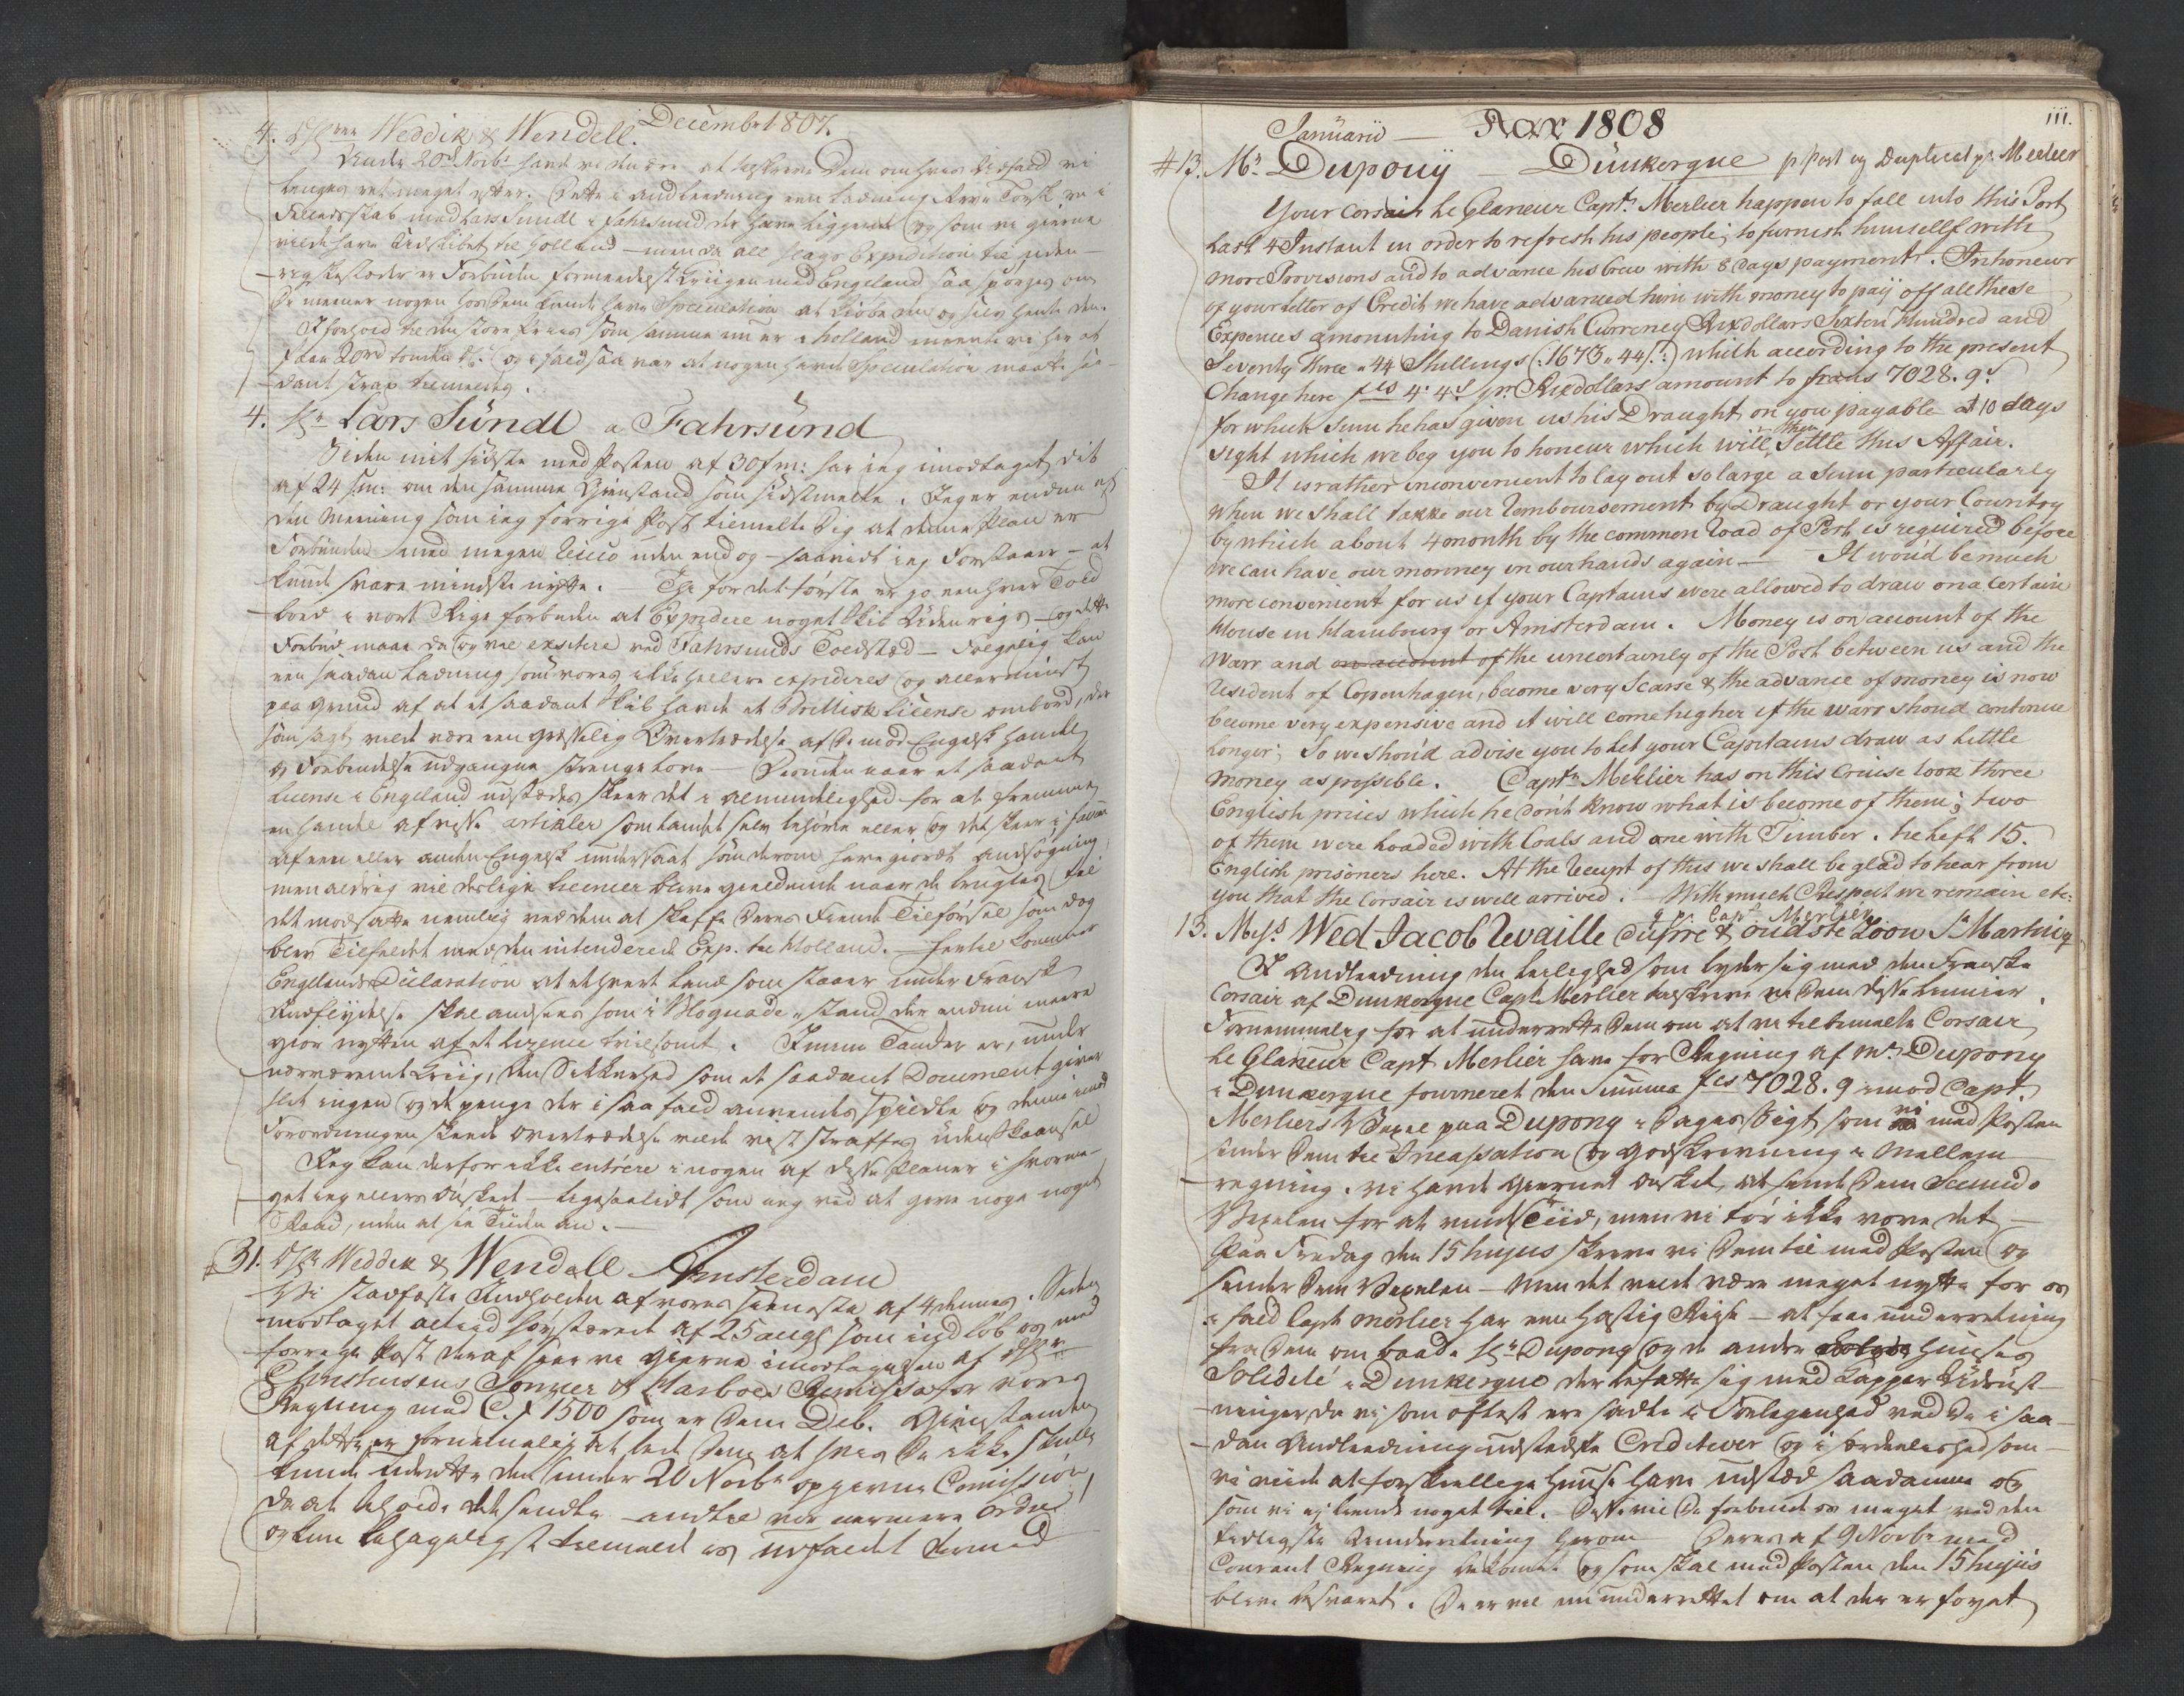 SAST, Pa 0003 - Ploug & Sundt, handelshuset, B/L0009: Kopibok, 1805-1816, s. 110b-111a